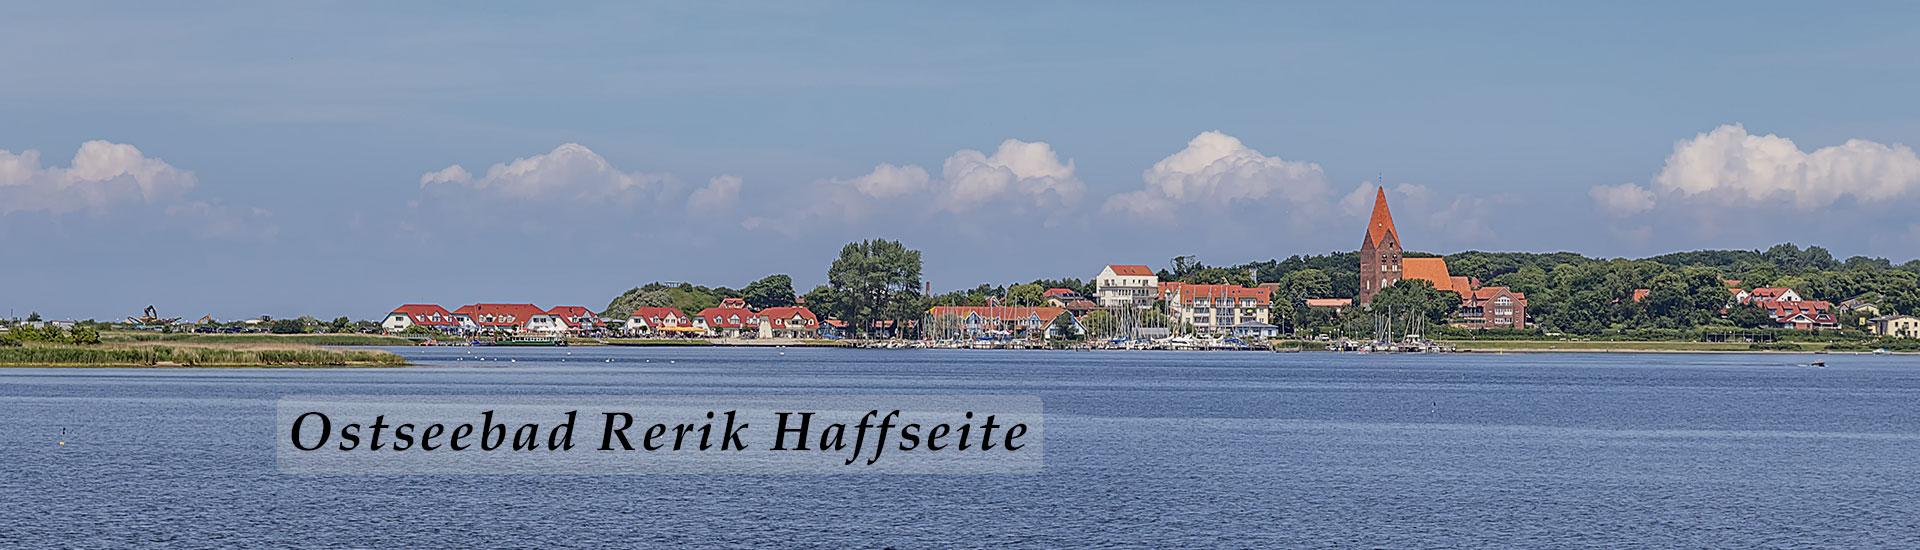 Ostseebad Rerik